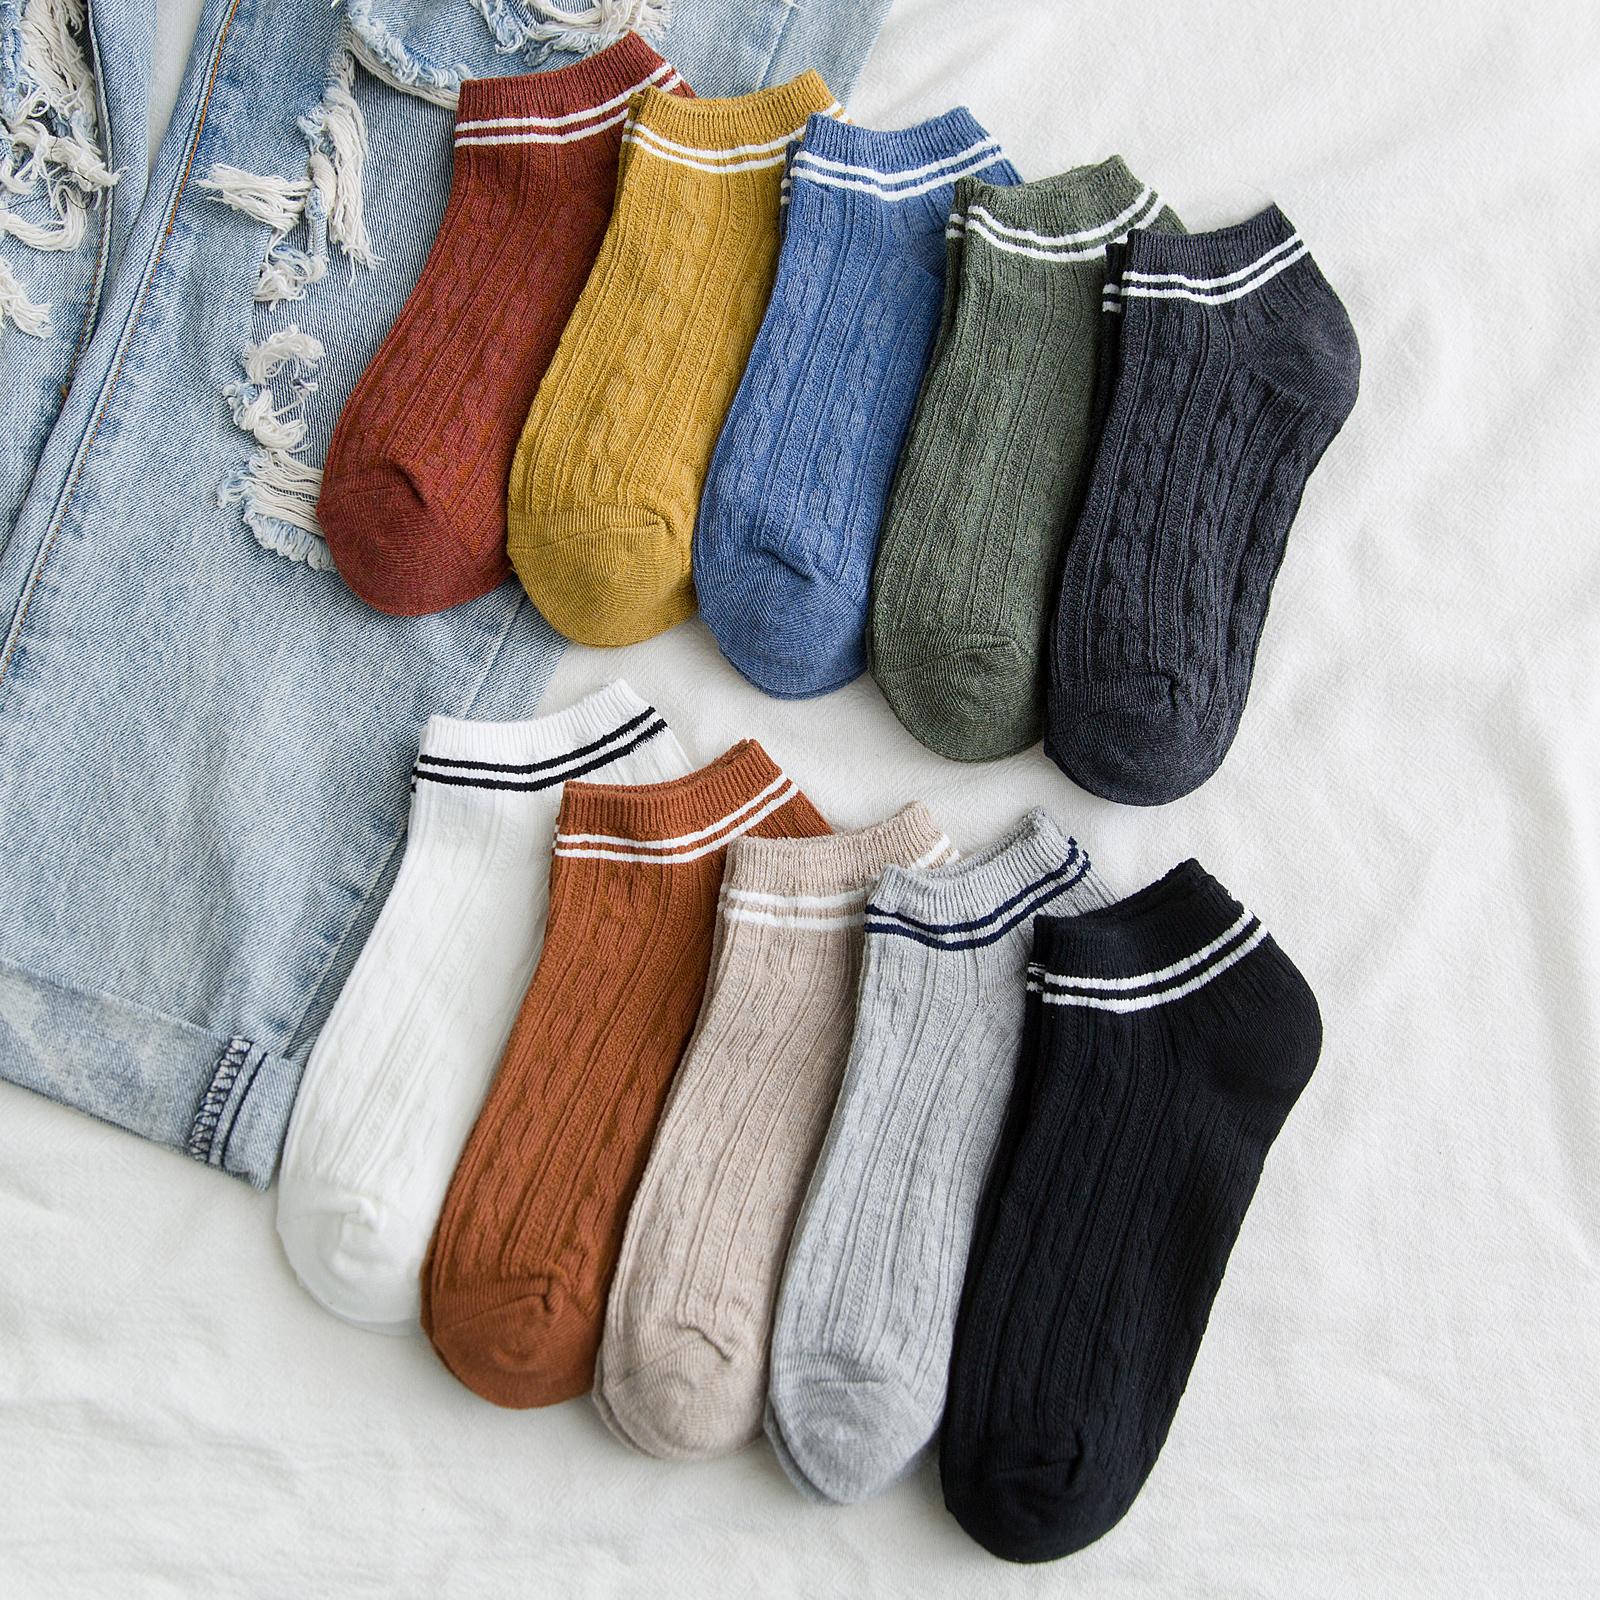 袜子女短袜浅口夏季薄款透气韩版日系船袜纯棉防臭低帮条纹夏天潮